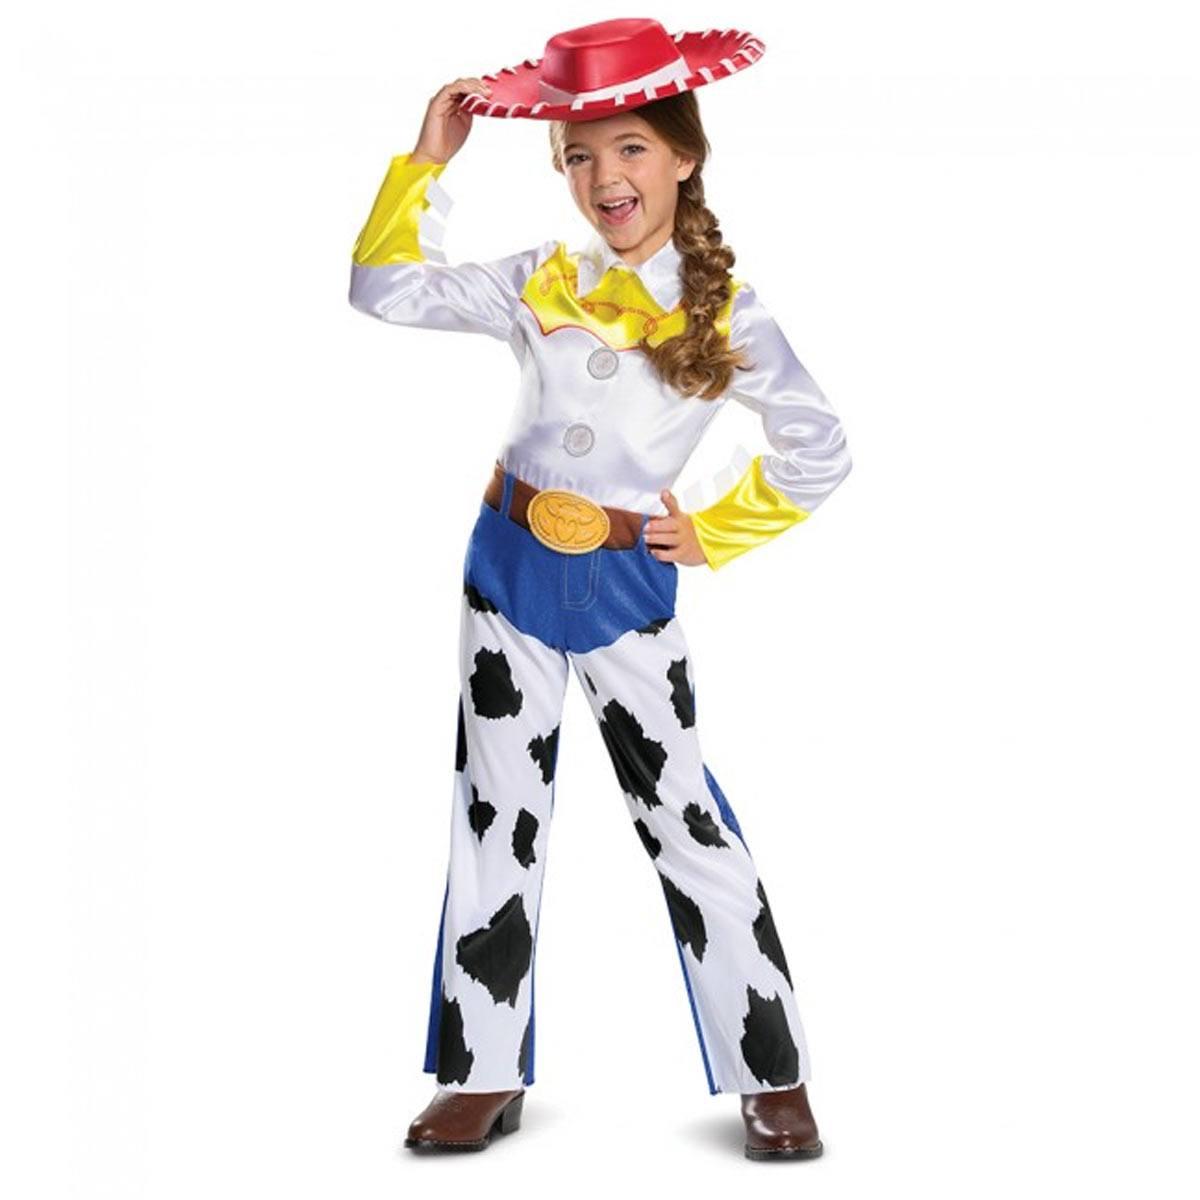 トイストーリー4 ジェシー 仮装 子供用 衣装 キッズ用 ハロウィン 変身セット ディズニー Toy Story 4